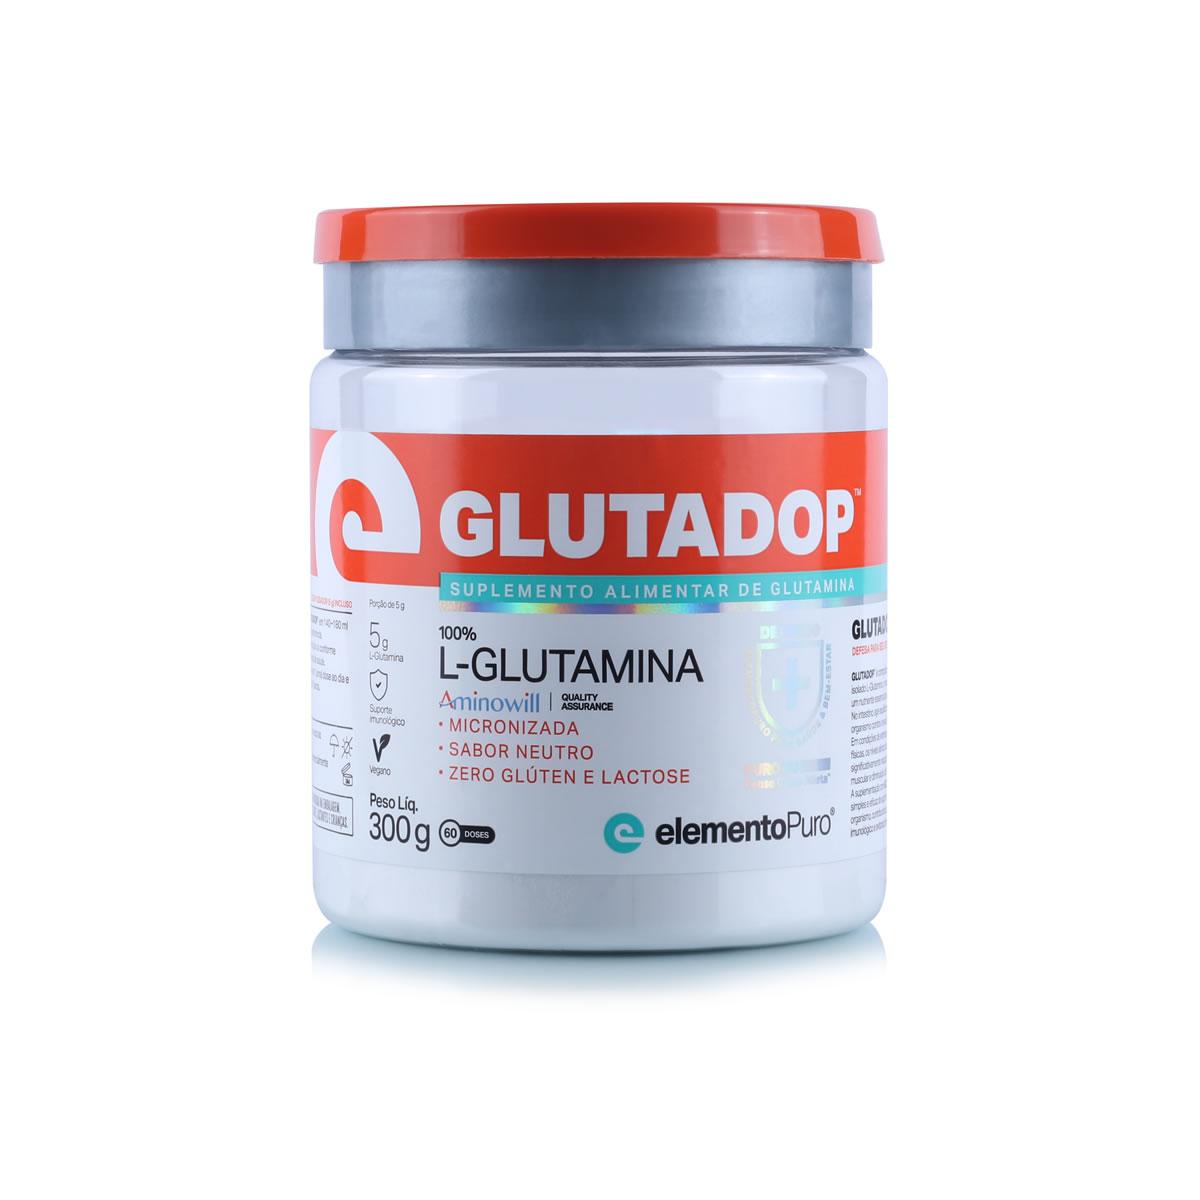 GLUTADOP 300G - Elemento Puro